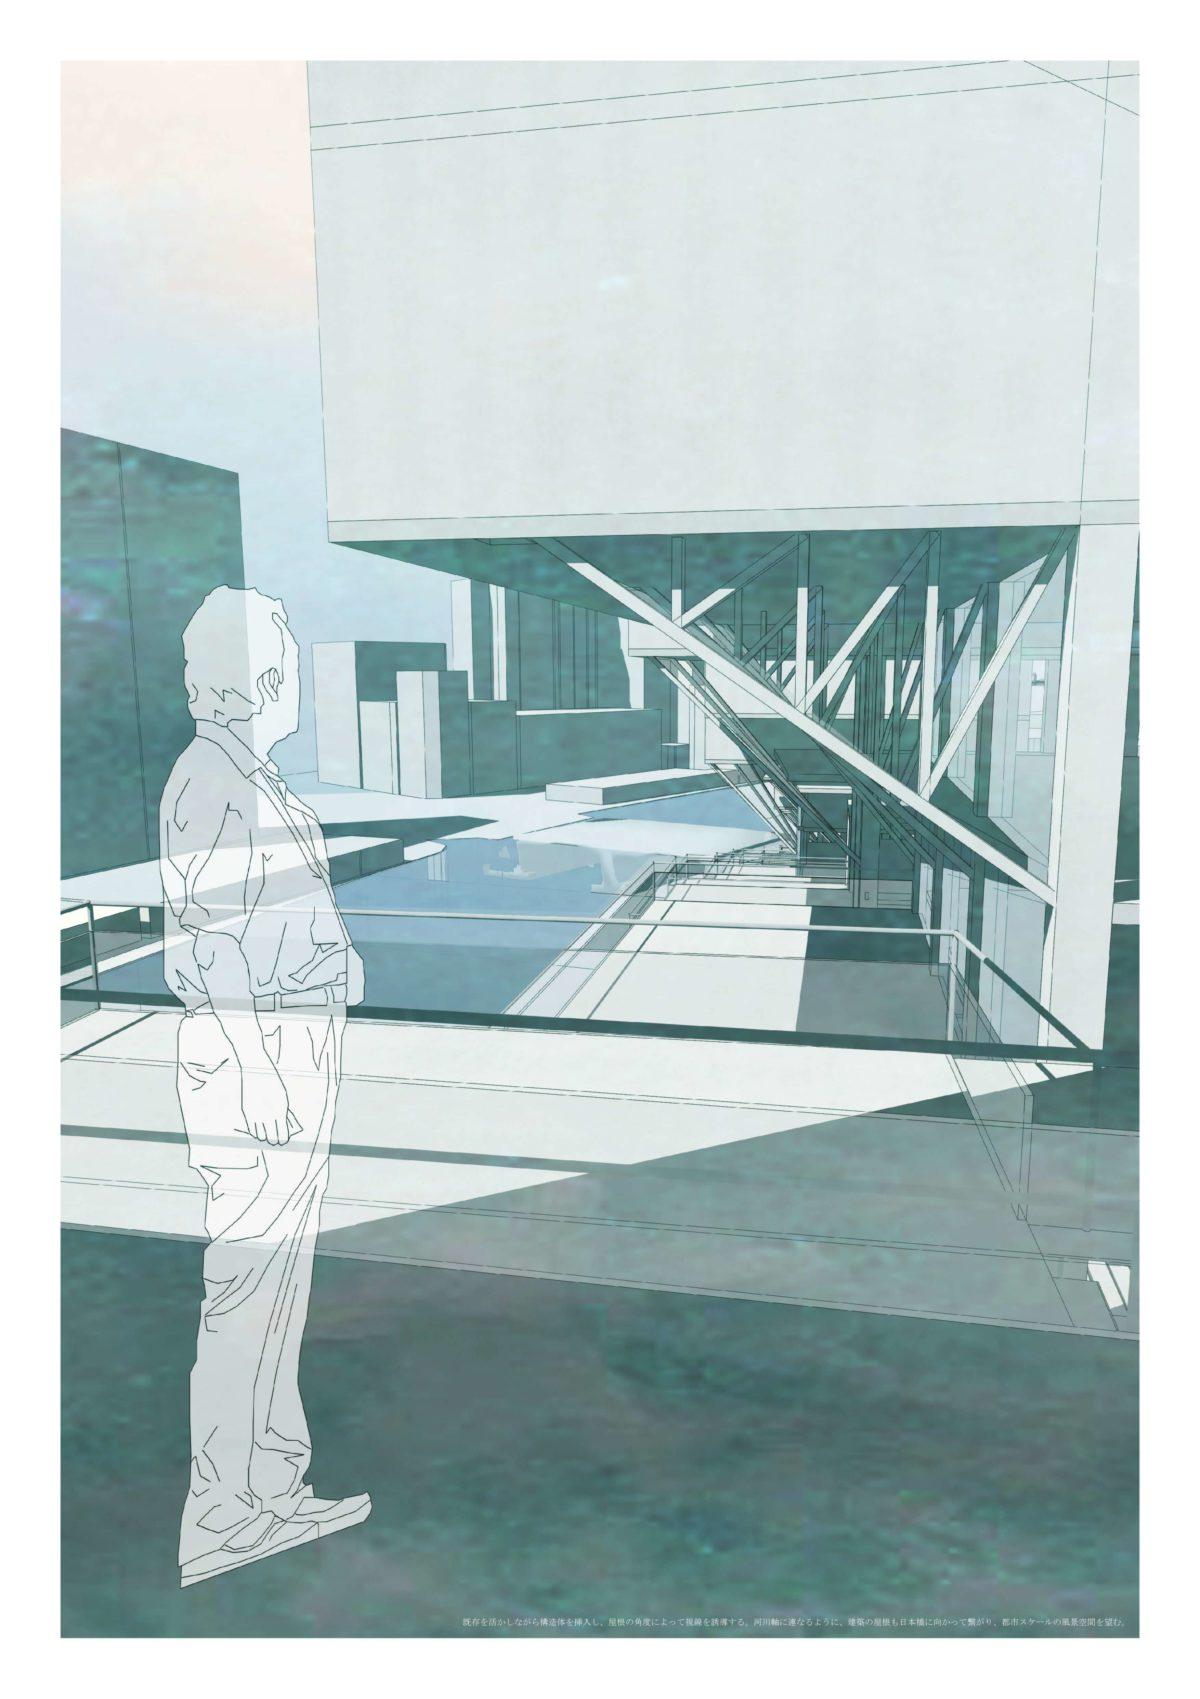 風景を想起する第五世代美術館建築 -歌川広重による名所江戸百景の分析を通して--9